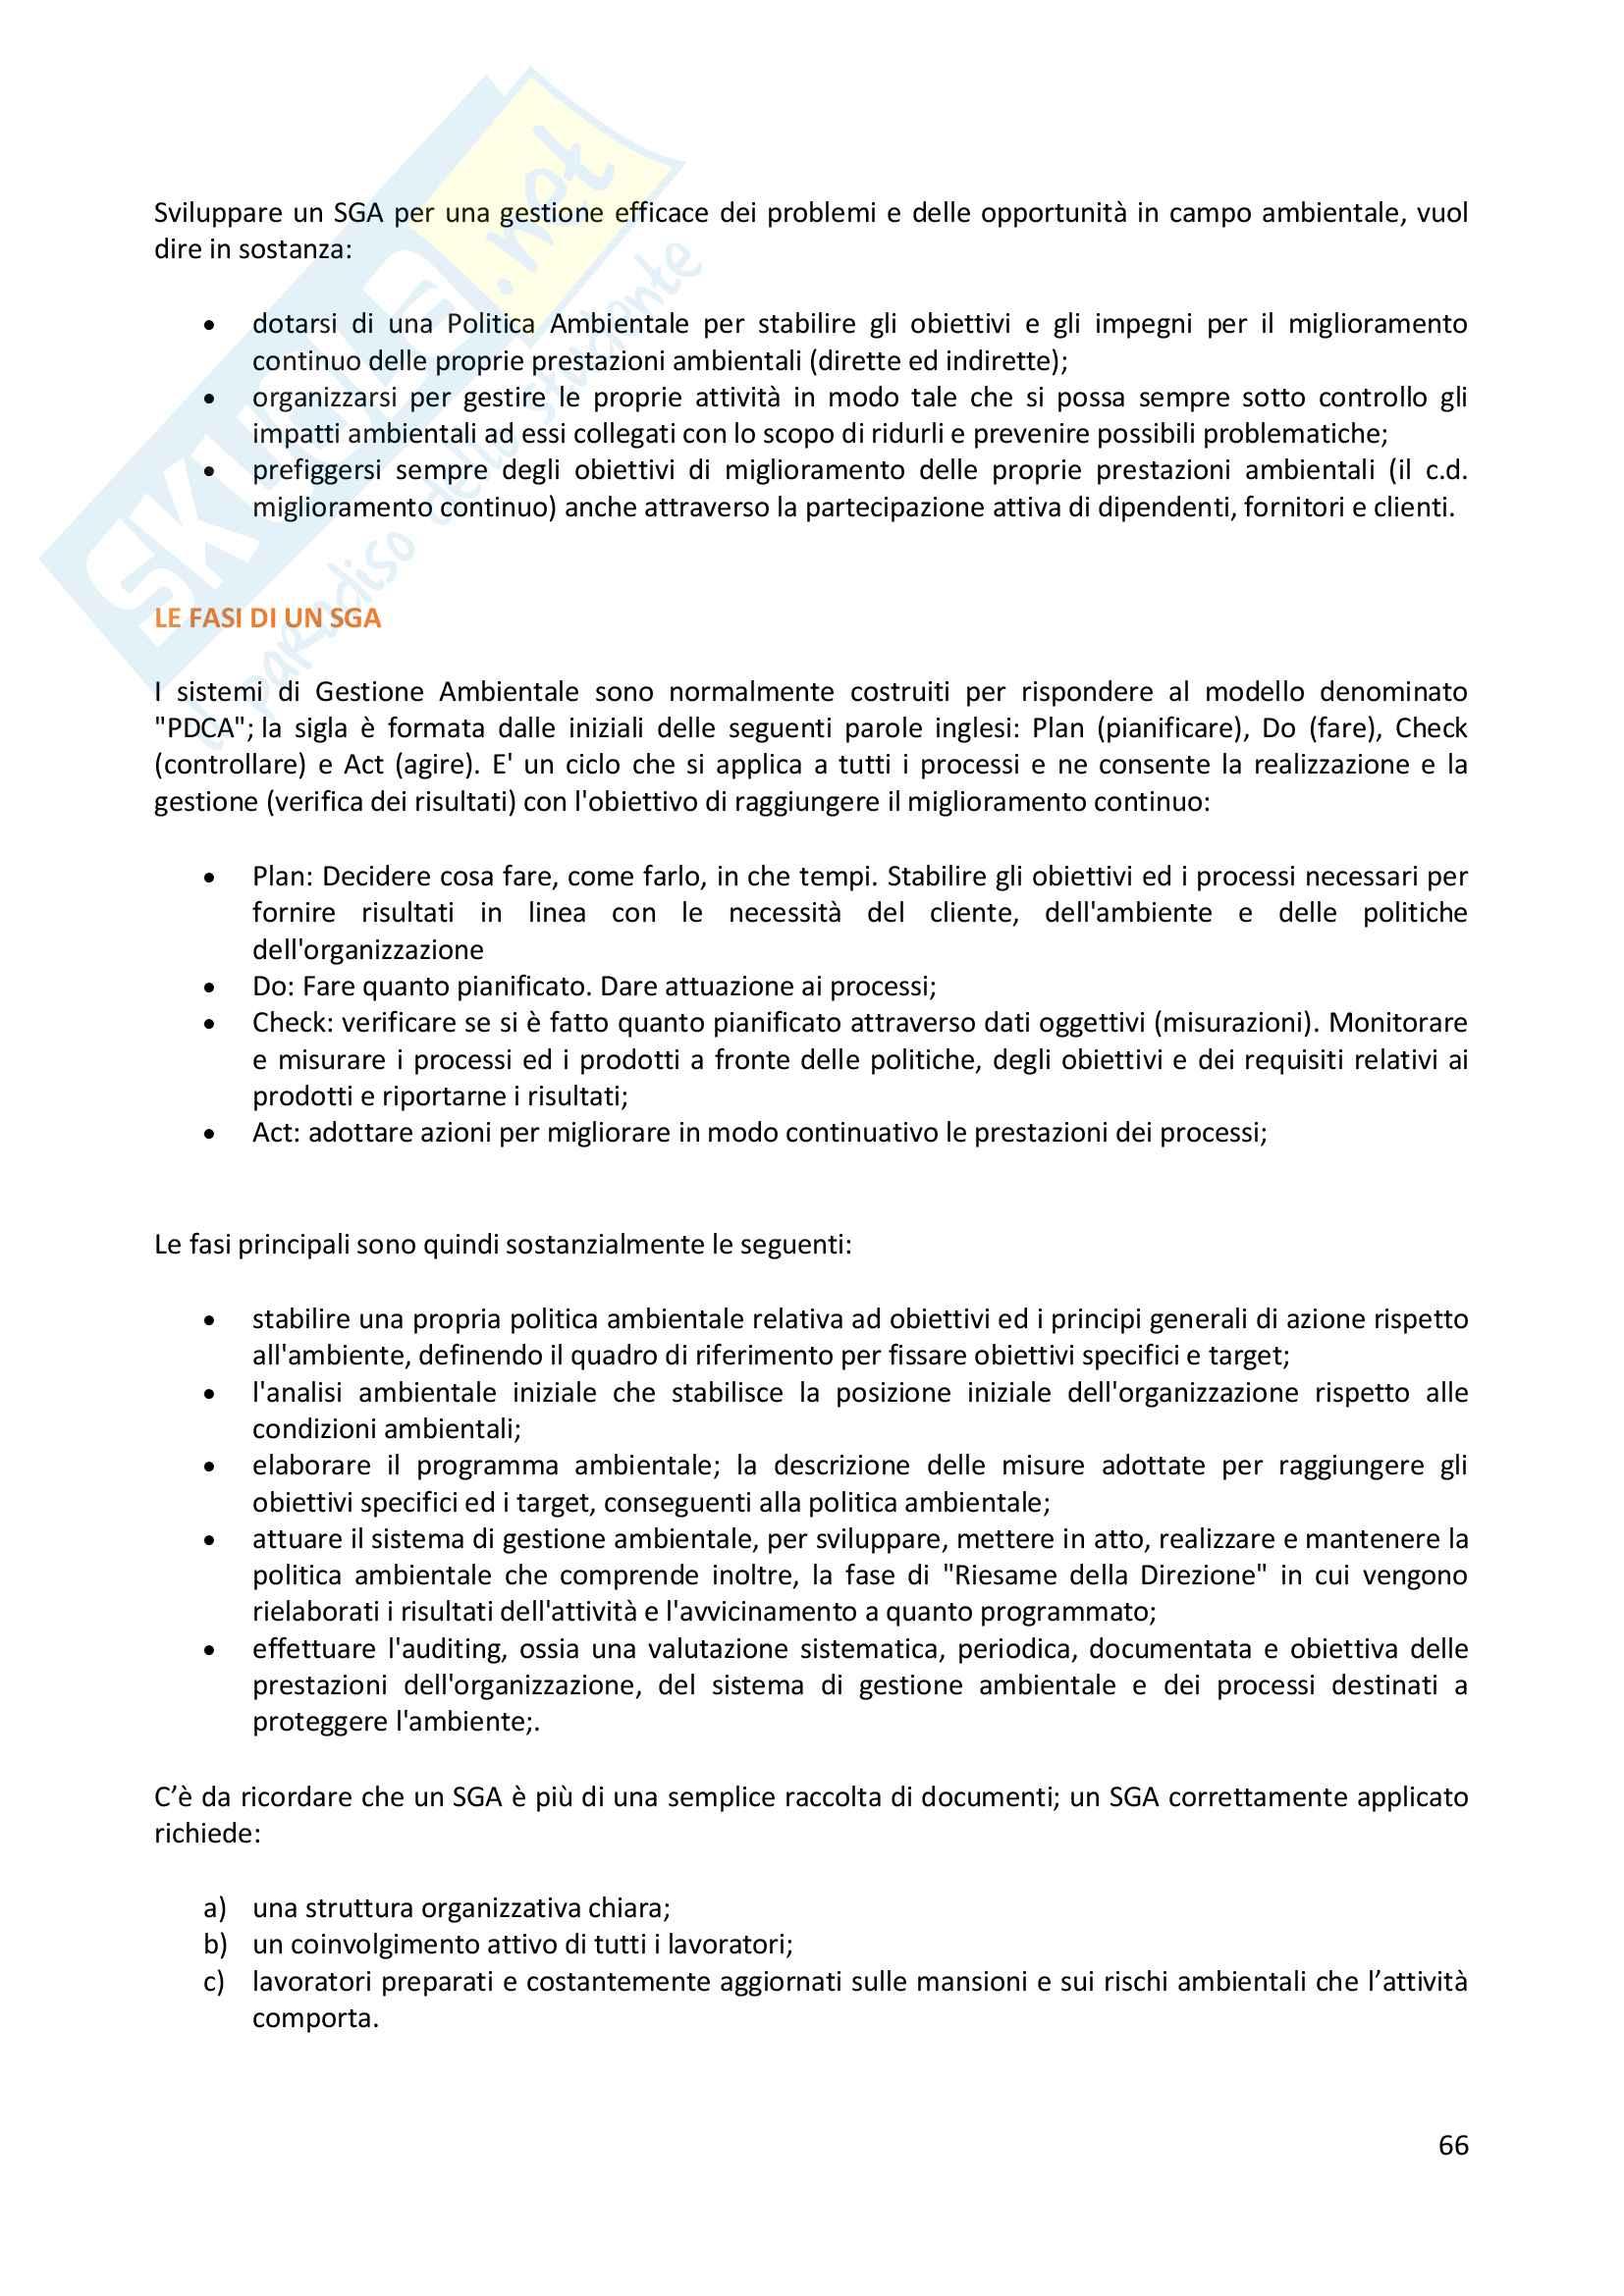 Gestione della qualità e sistemi di gestione ambientale - appunti Pag. 66